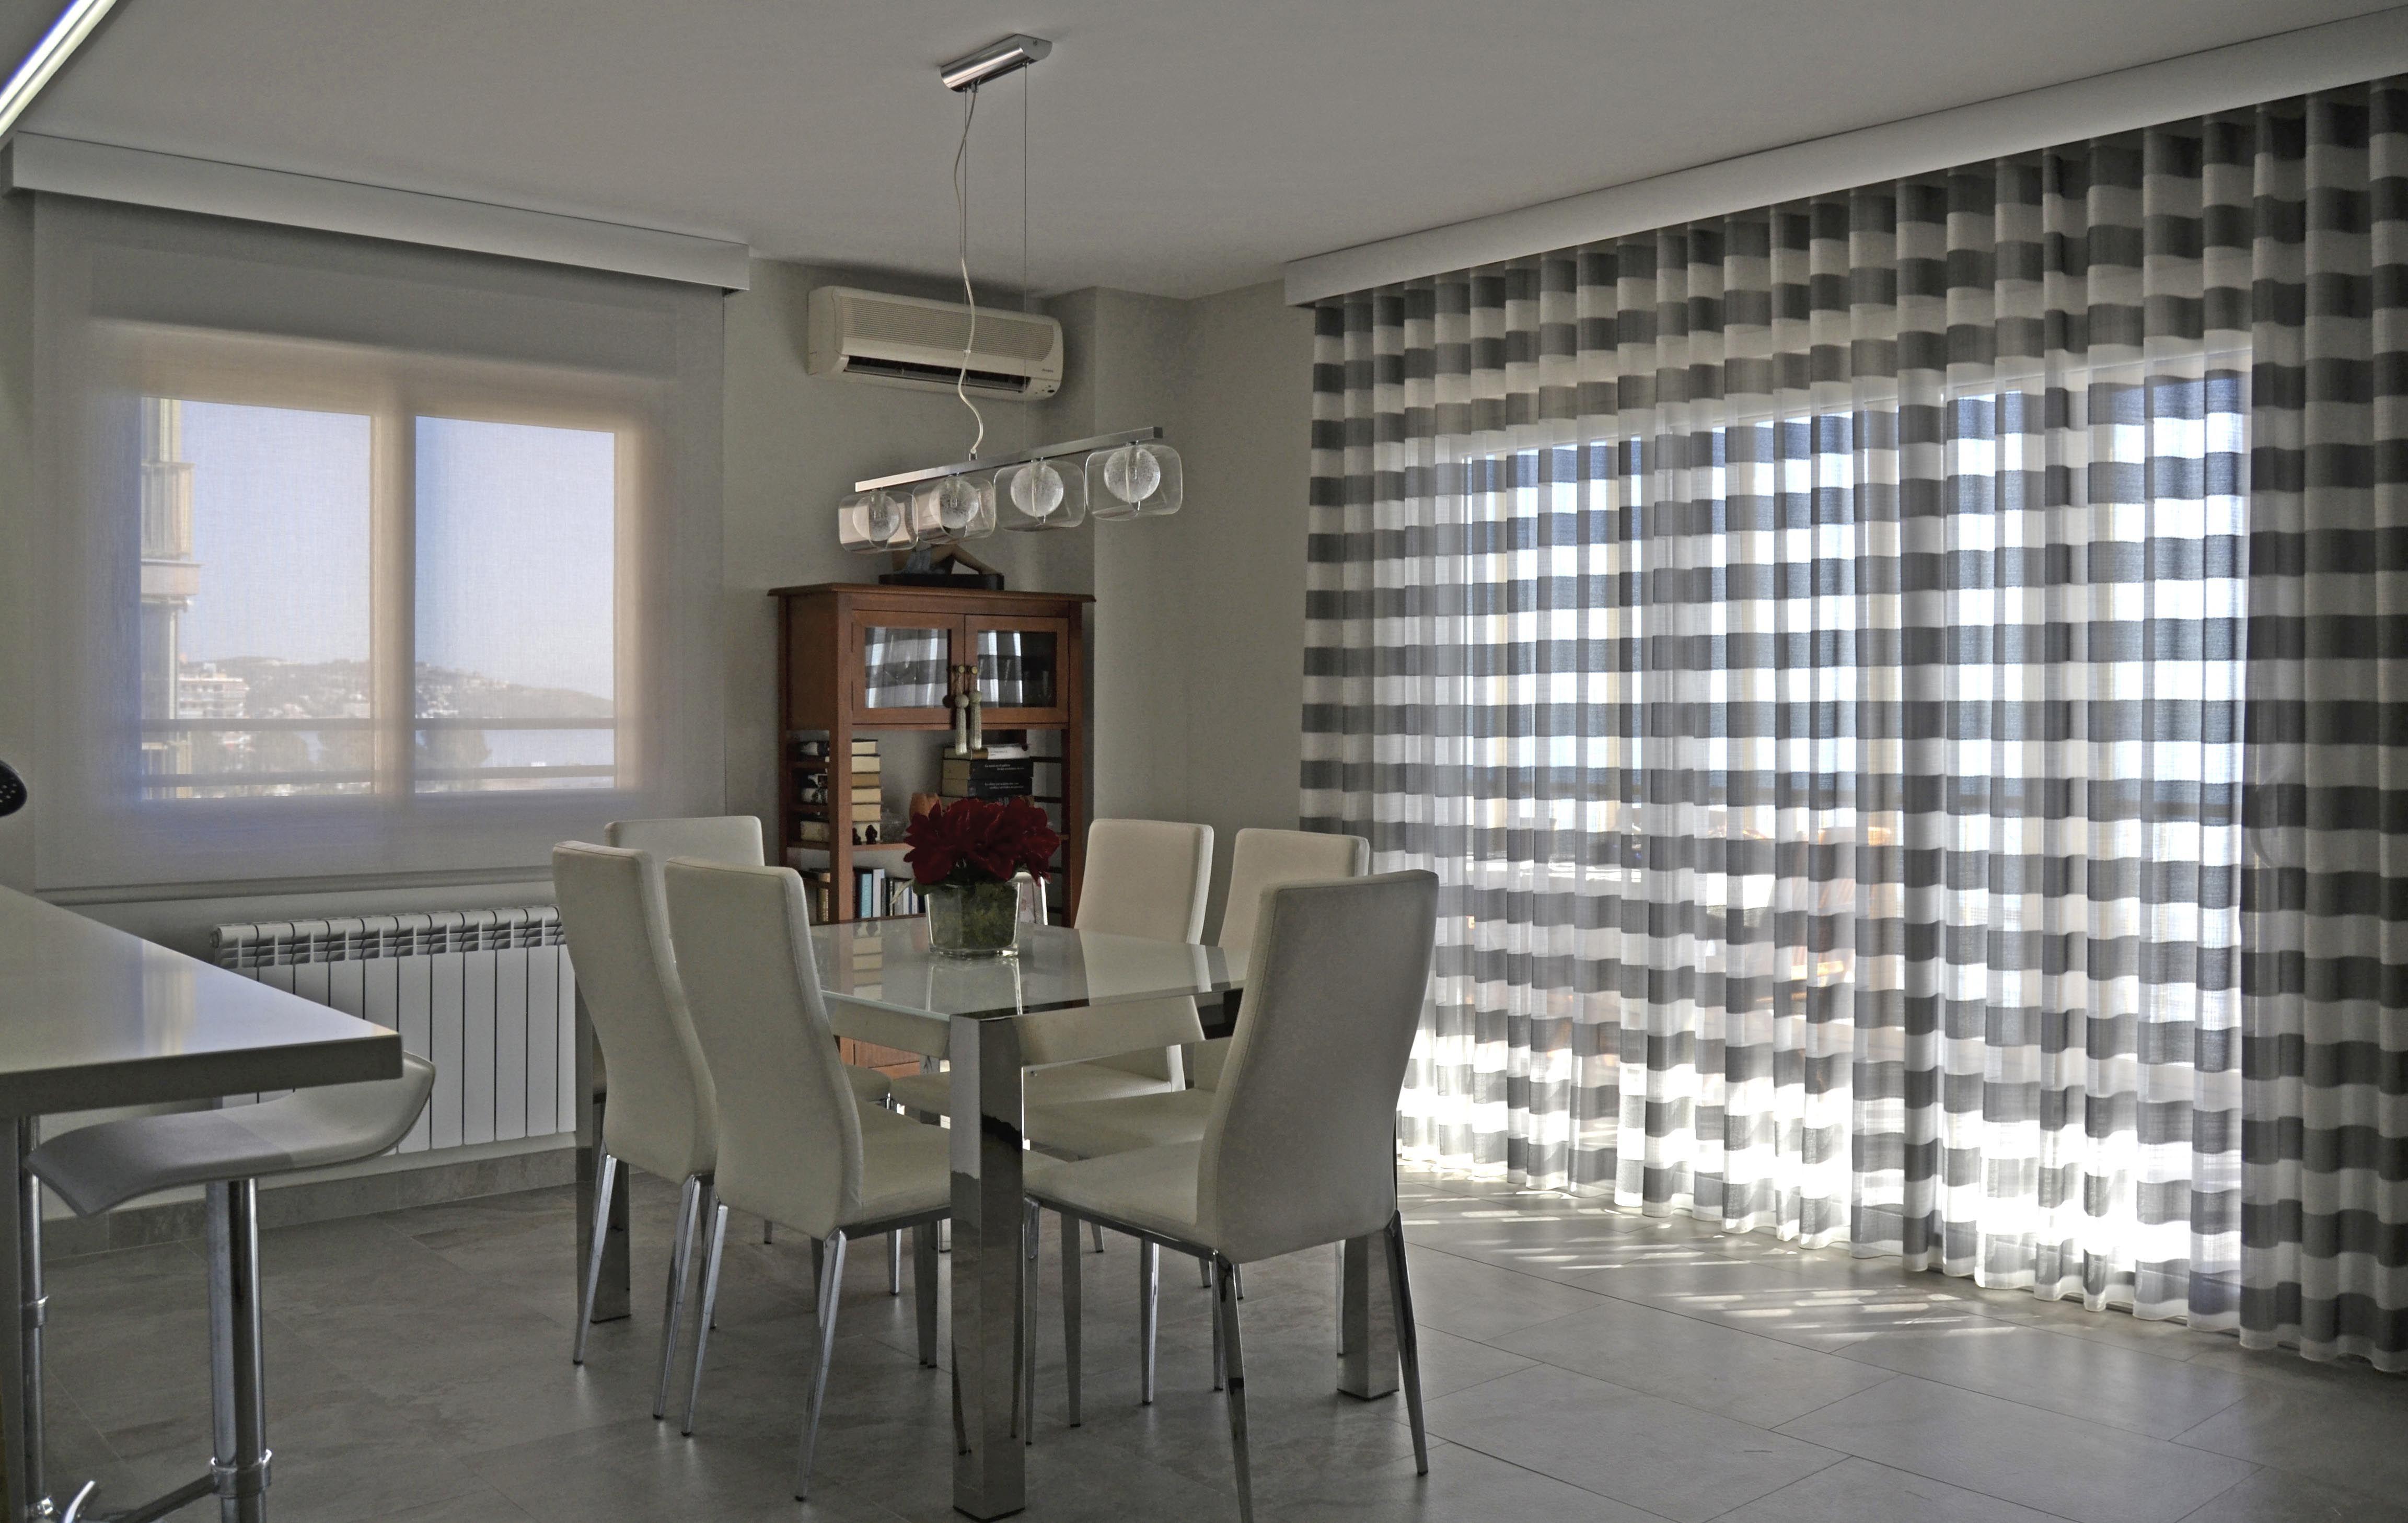 combinando enrollable y cortina en las ventanas de un mismo comedor villalba interiorismo - Cortinas Salon Moderno